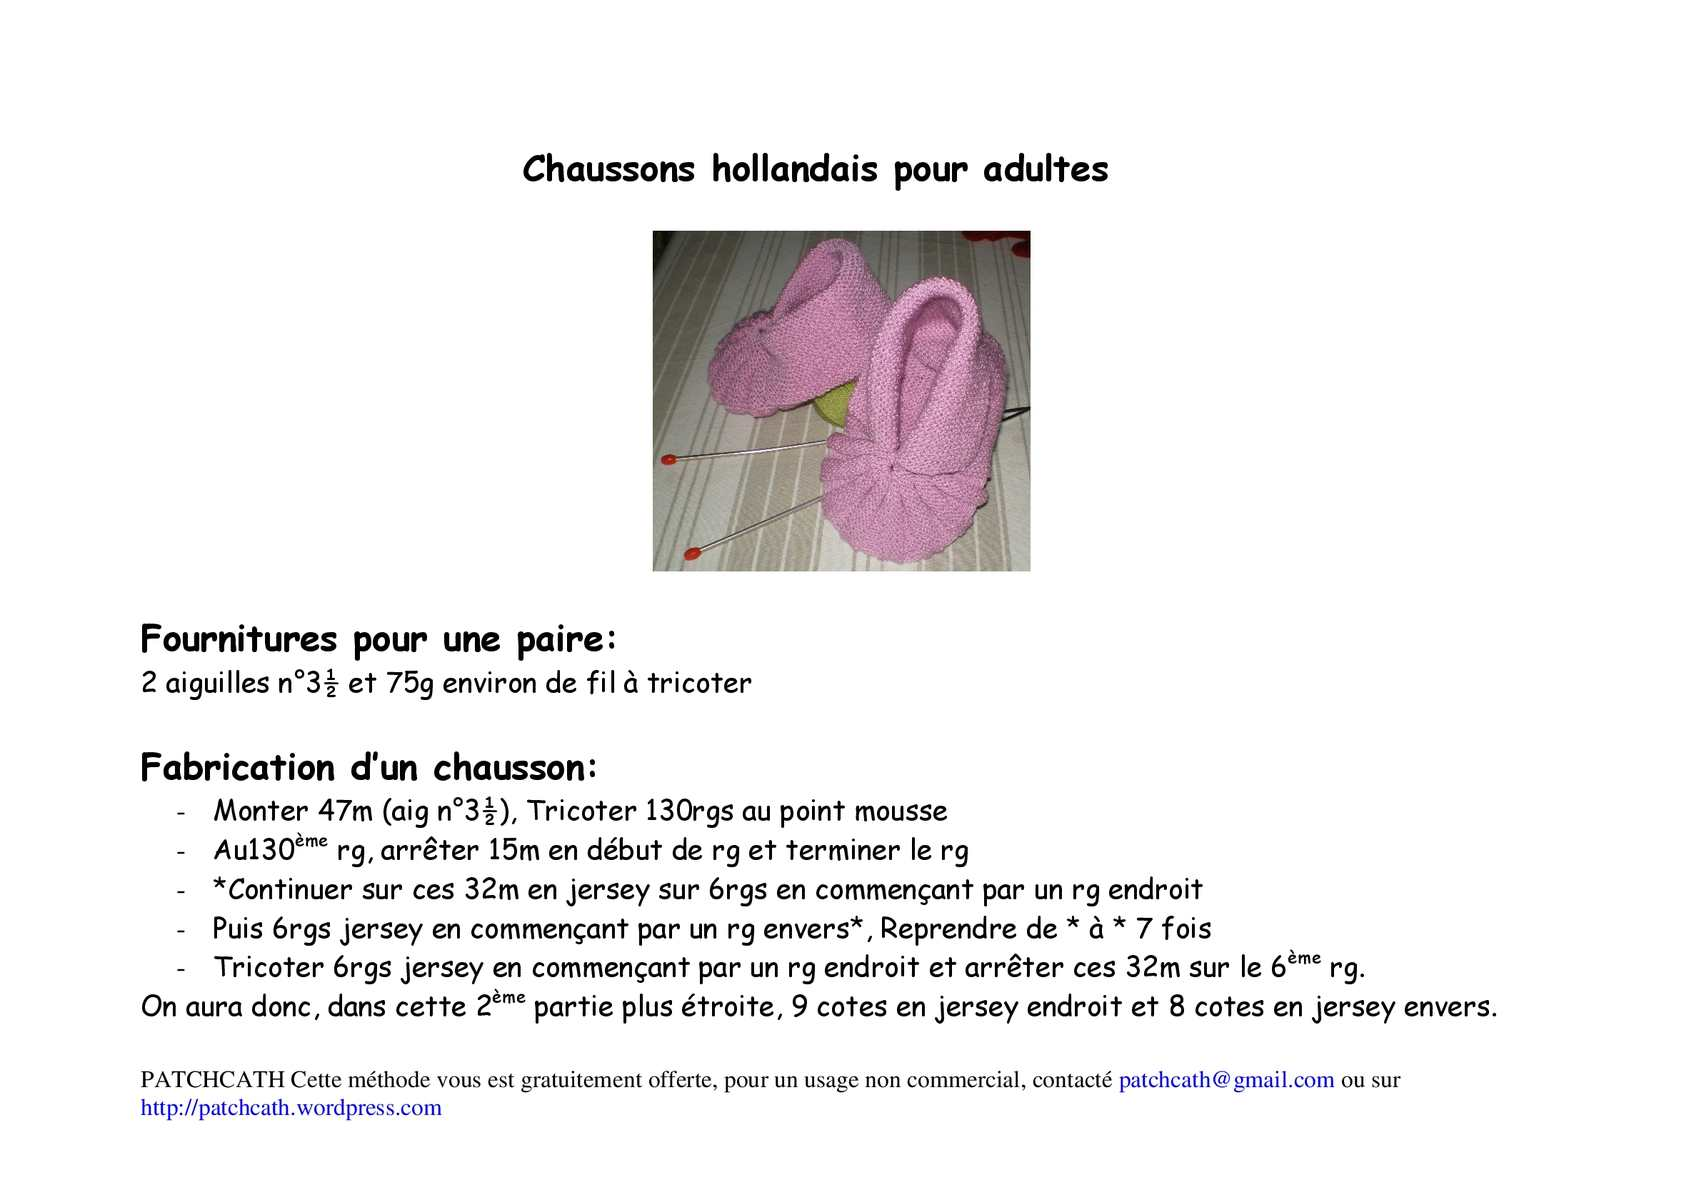 #3E3D8E Calaméo Chaussons Hollandais Pour Adultes 7610 décoration de noel à fabriquer pour adultes 1684x1190 px @ aertt.com